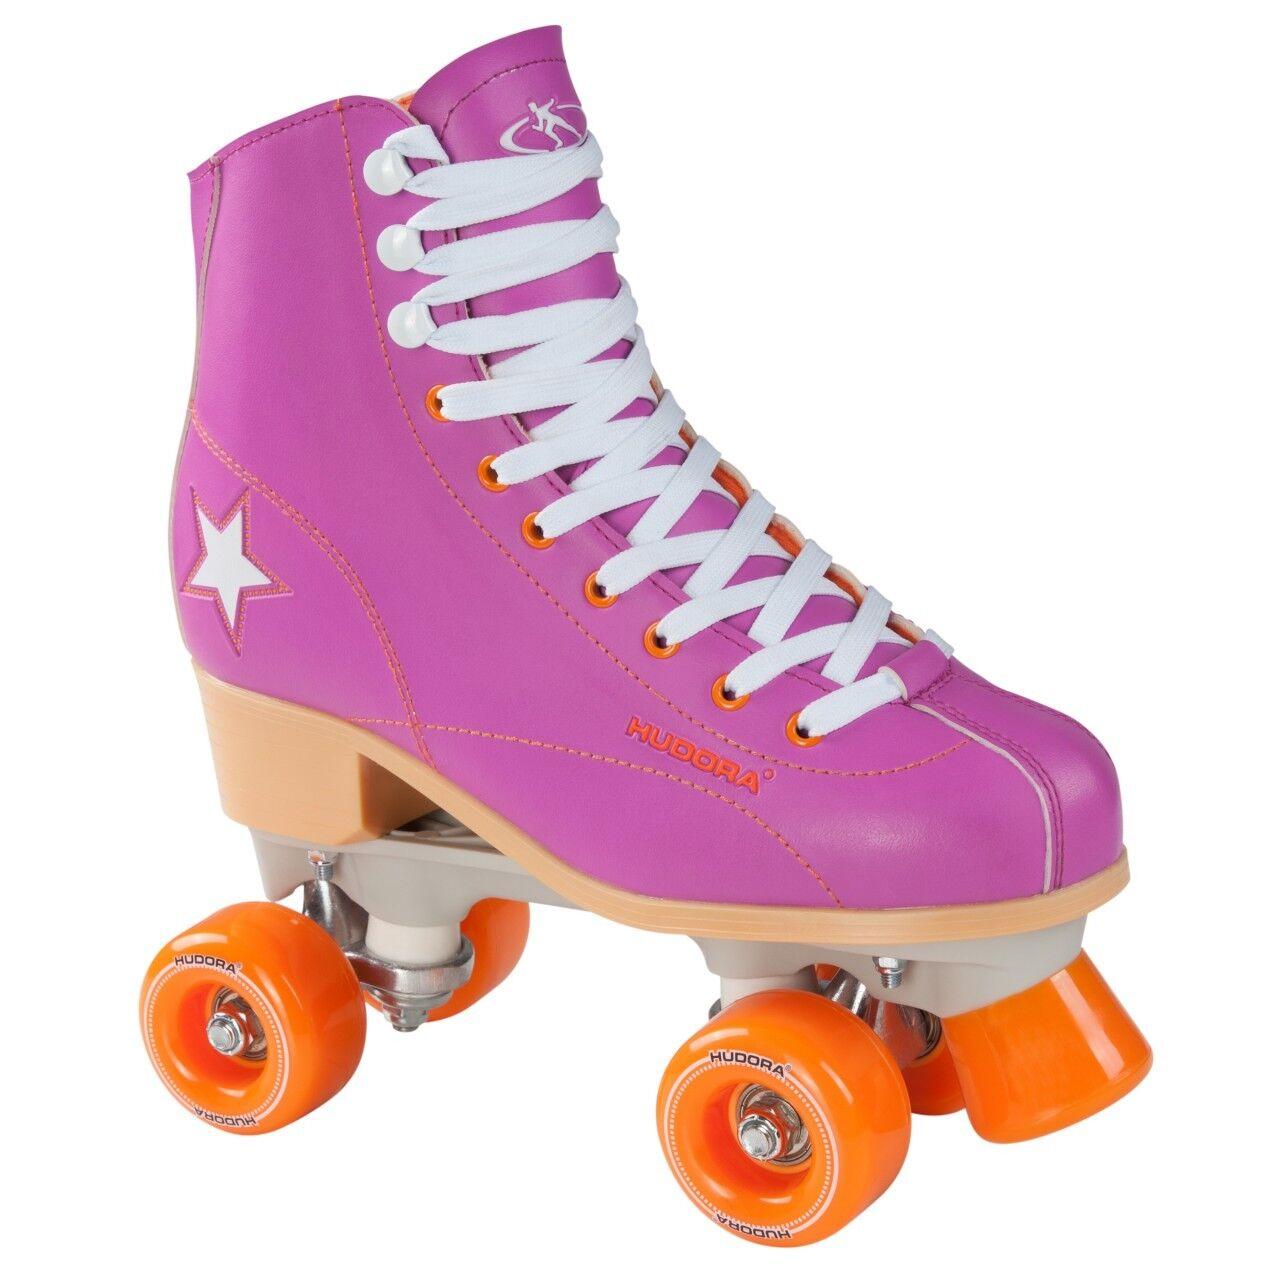 HUDORA Rollschuhe Roller Skate Disco Gr. 41 lila-Orange